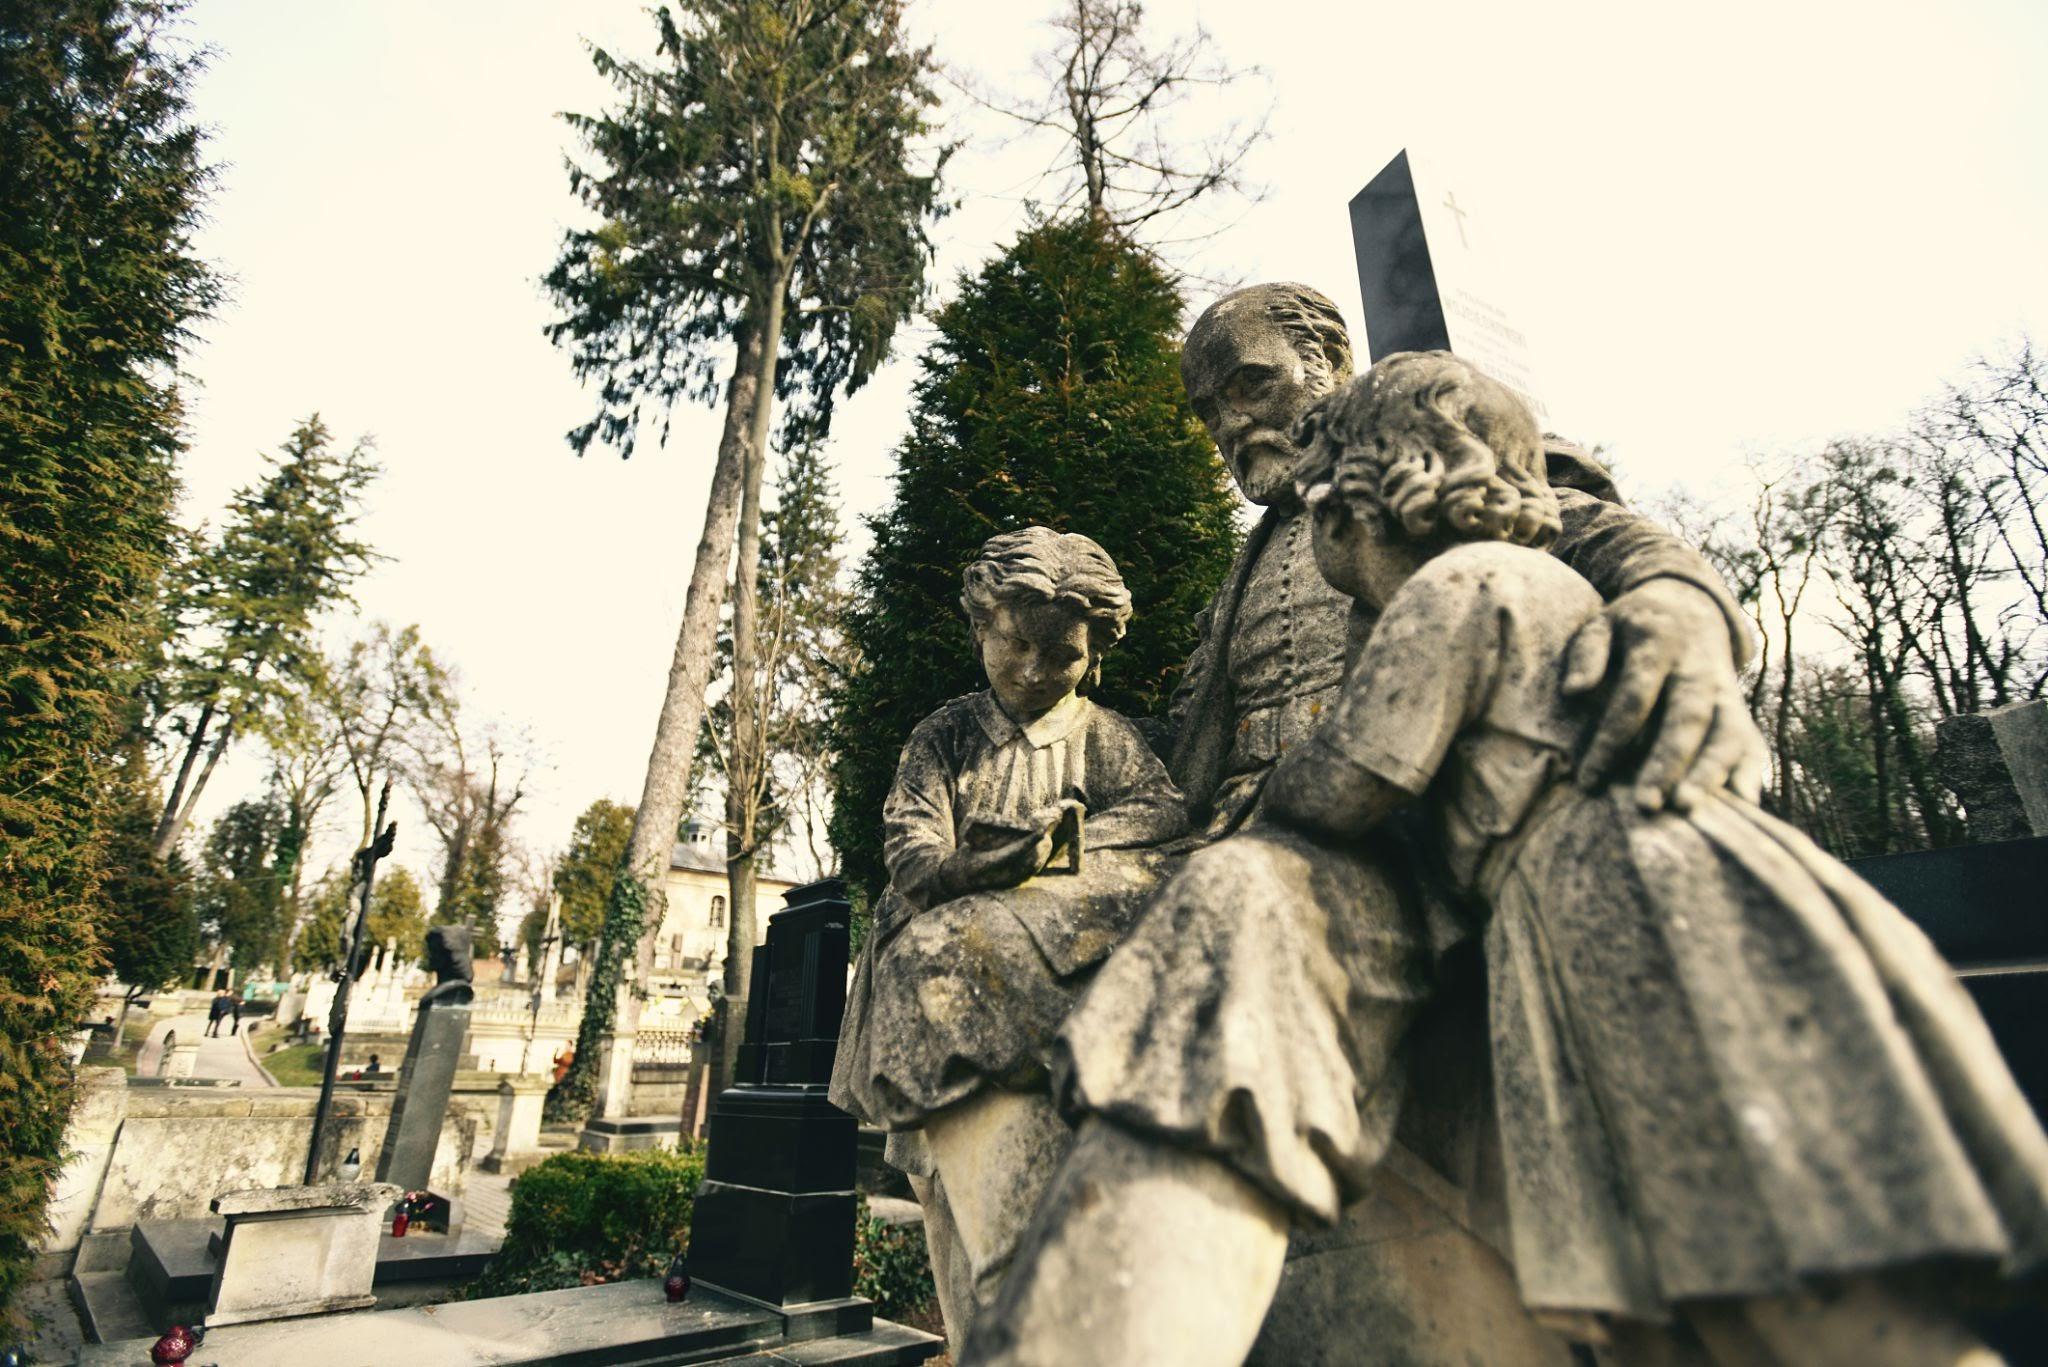 Личаківський цвинтар - історико-меморіальний музей-заповідник у Львові в історичній місцевості Личаків, одне з найстаріших кладовищ України.